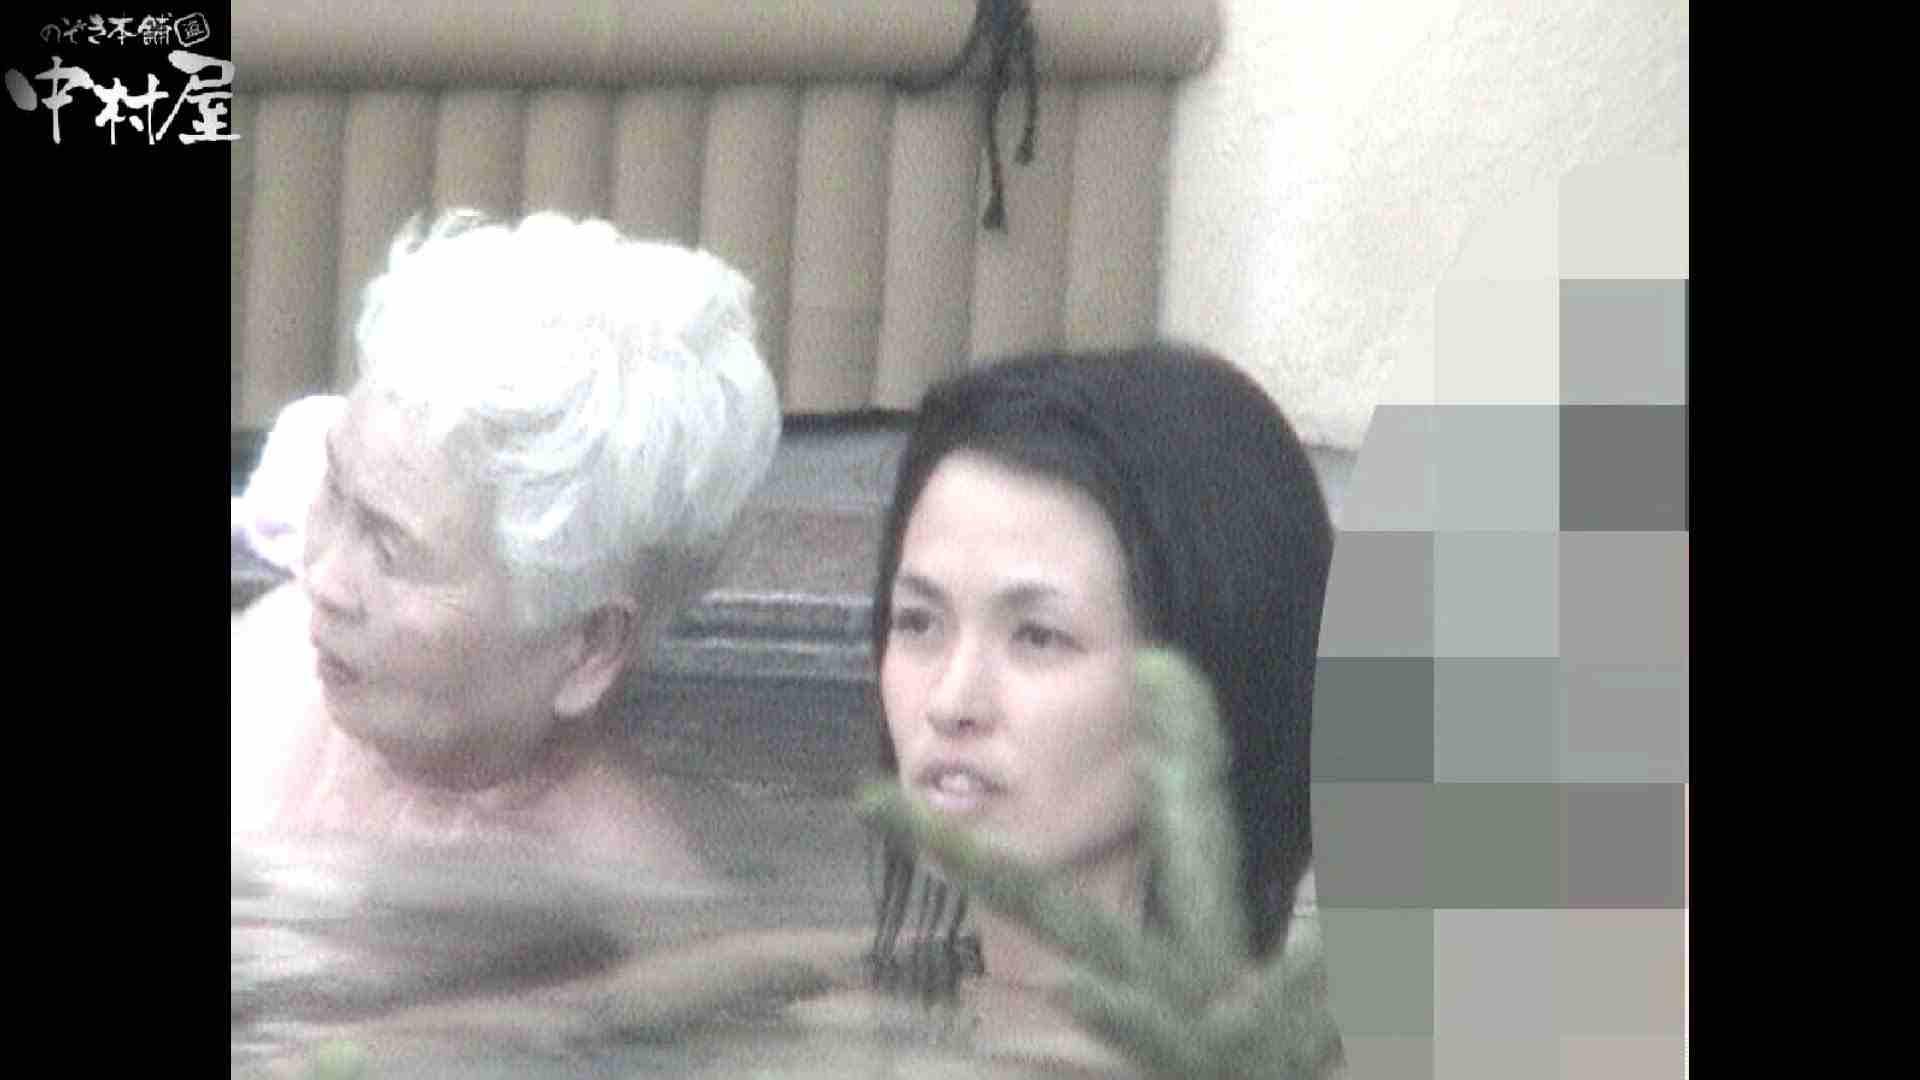 Aquaな露天風呂Vol.933 露天風呂 | 盗撮  74連発 61